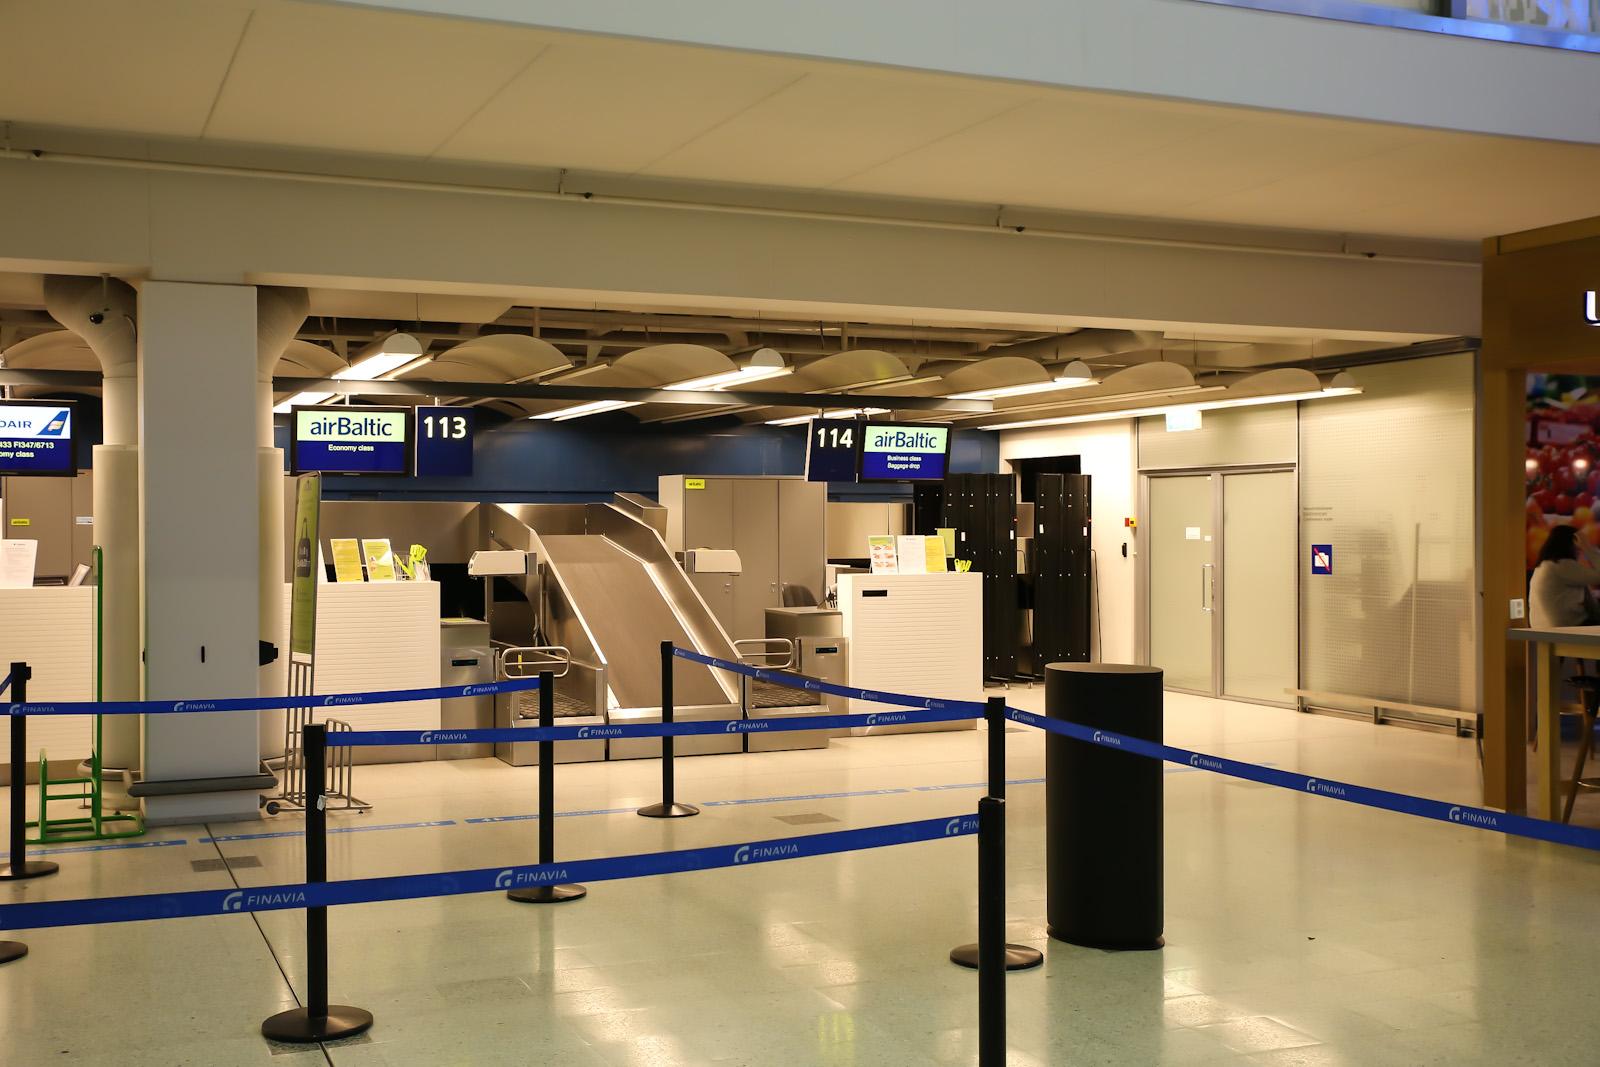 Стойки регистрации в Терминале 1 аэропорта Хельсинки Вантаа